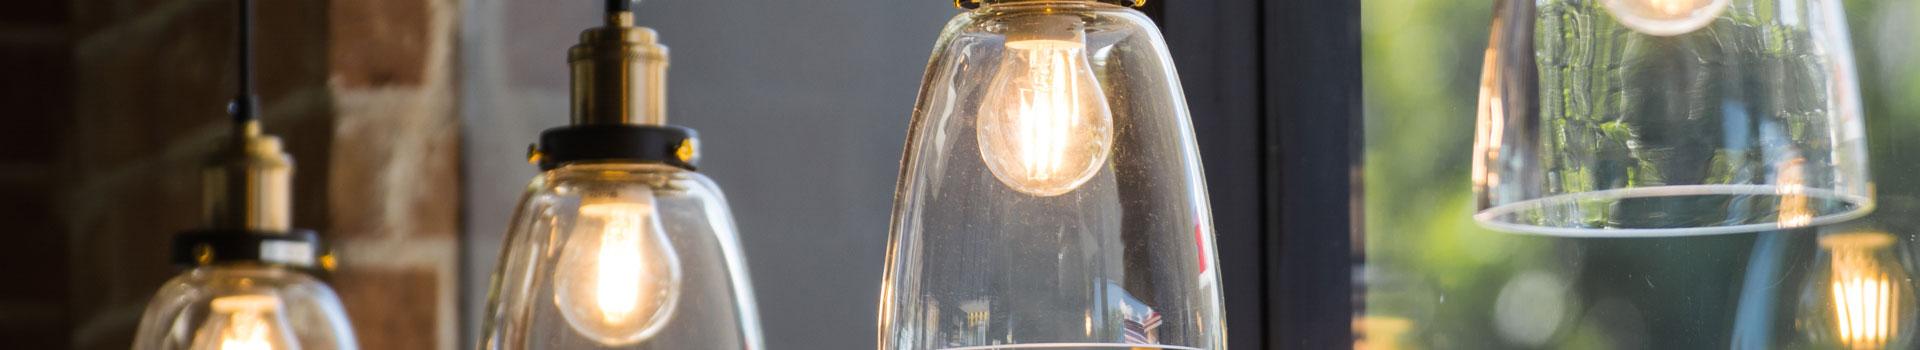 Beleuchtung - das Sinnbild für Strom